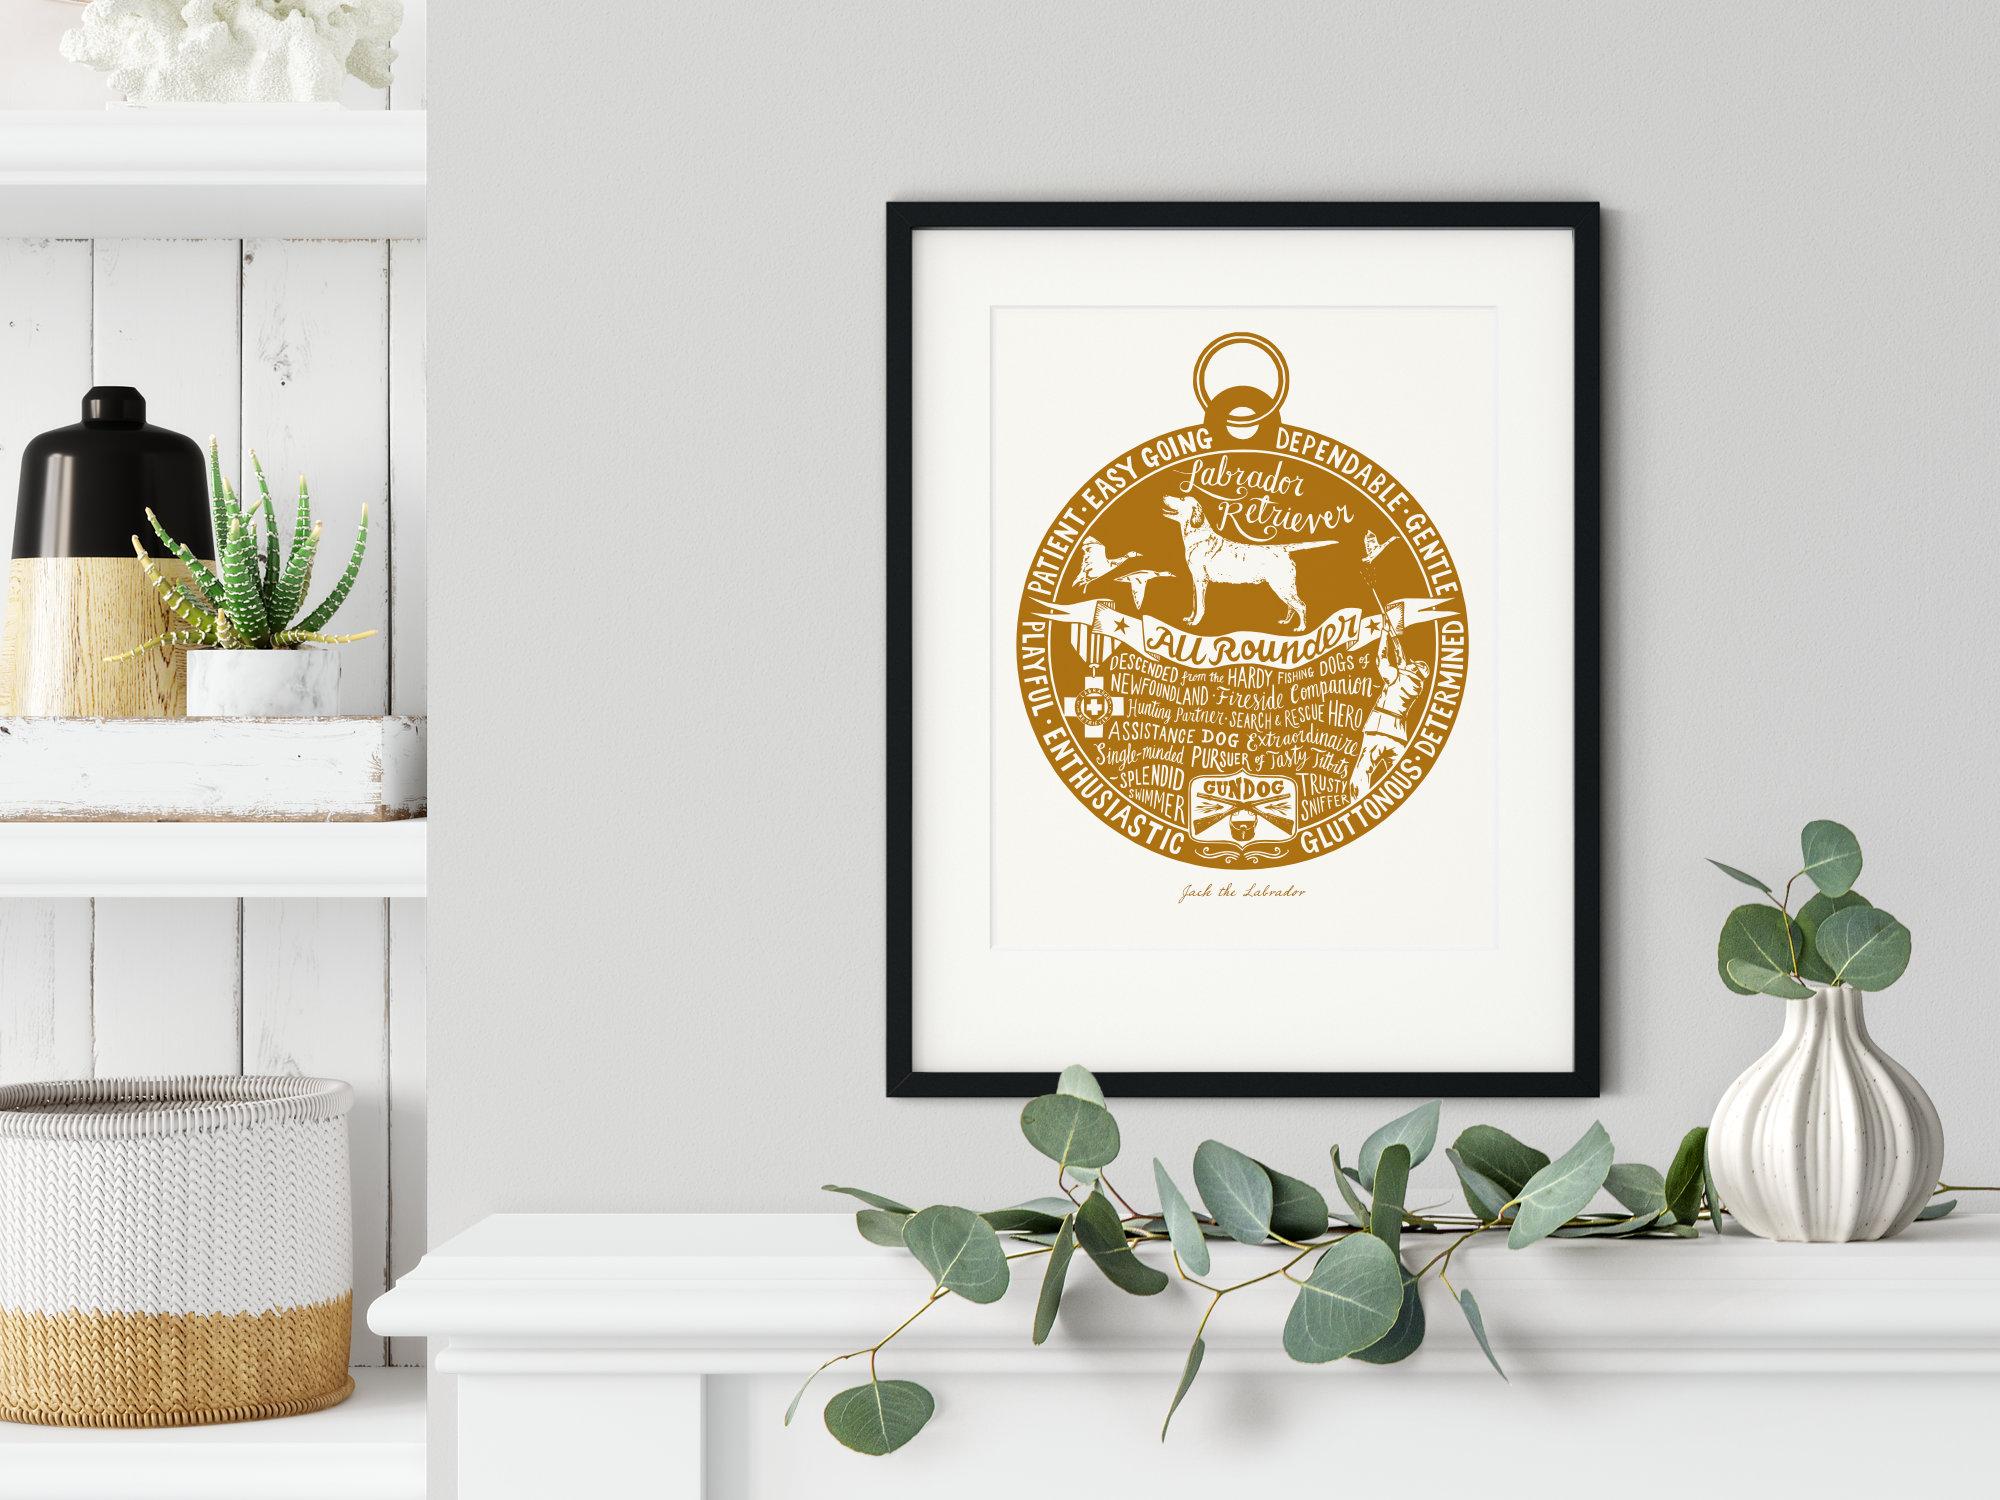 Labrador Retriever Art Print | The Enlightened Hound